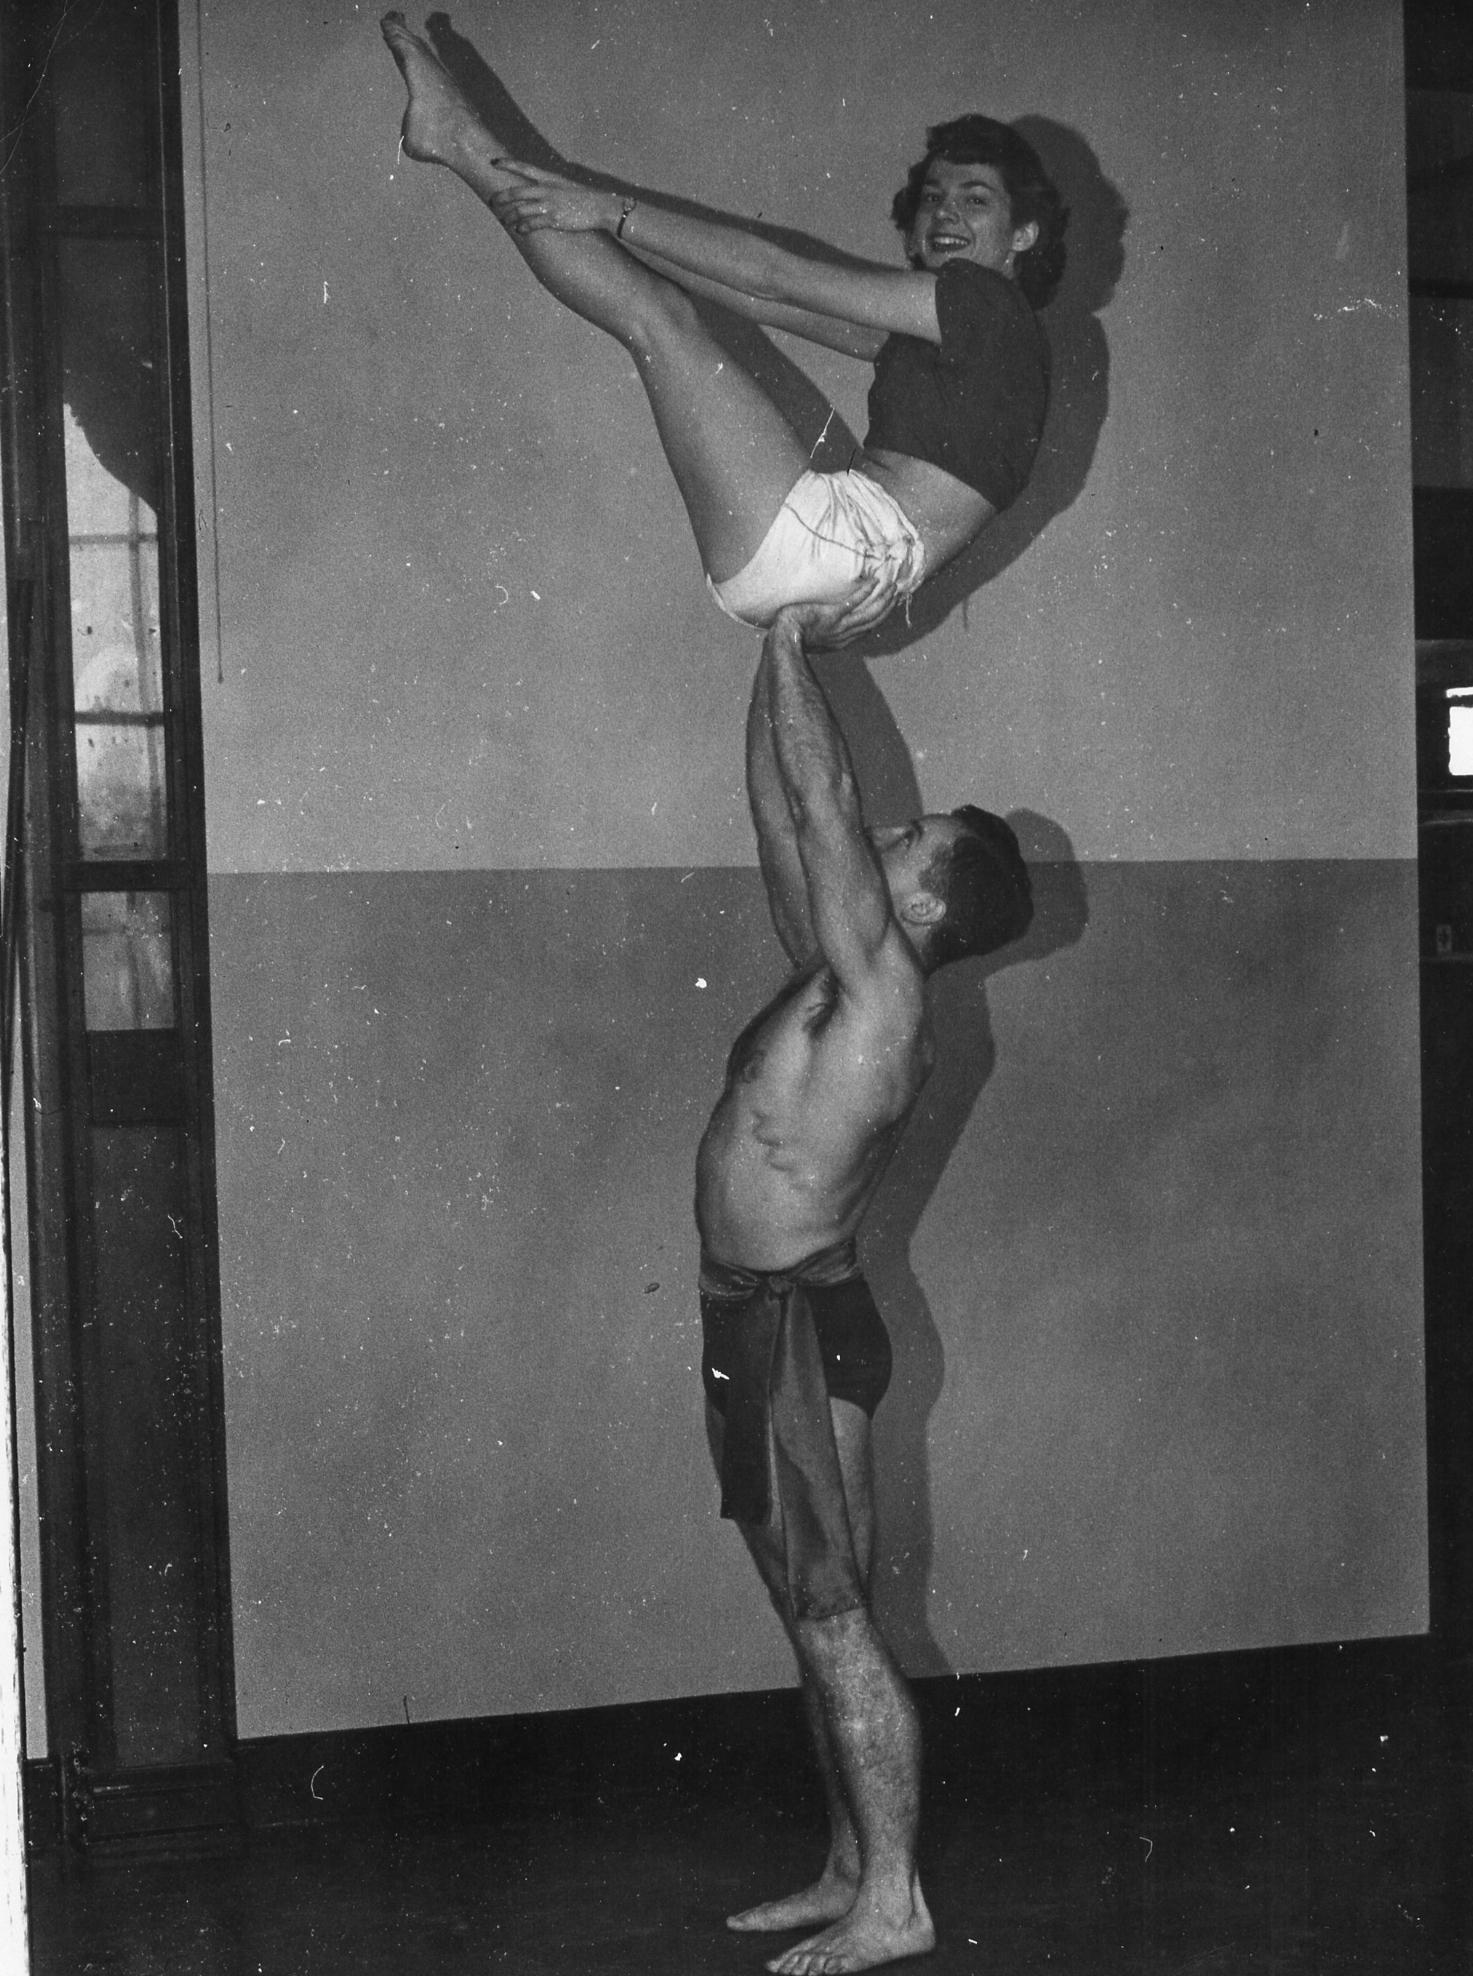 Mixed Doubles Balancing (1950)